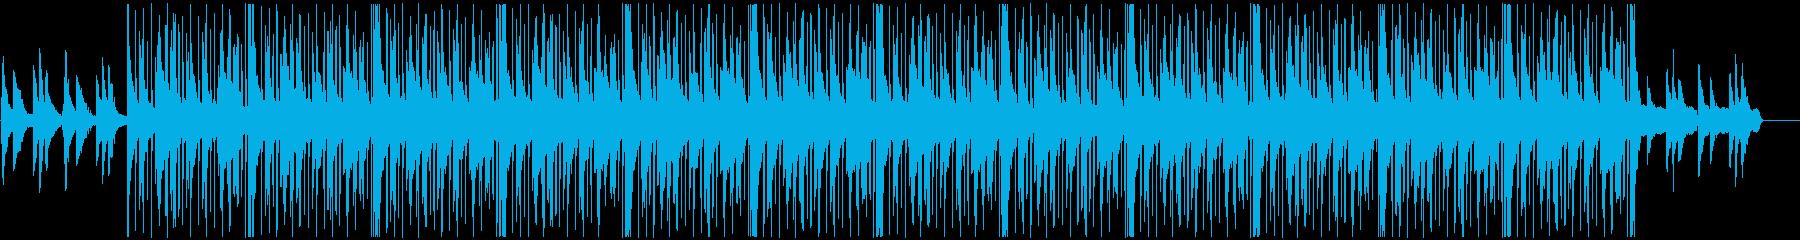 ゆったりと落ち着いた雰囲気のヒップホップの再生済みの波形